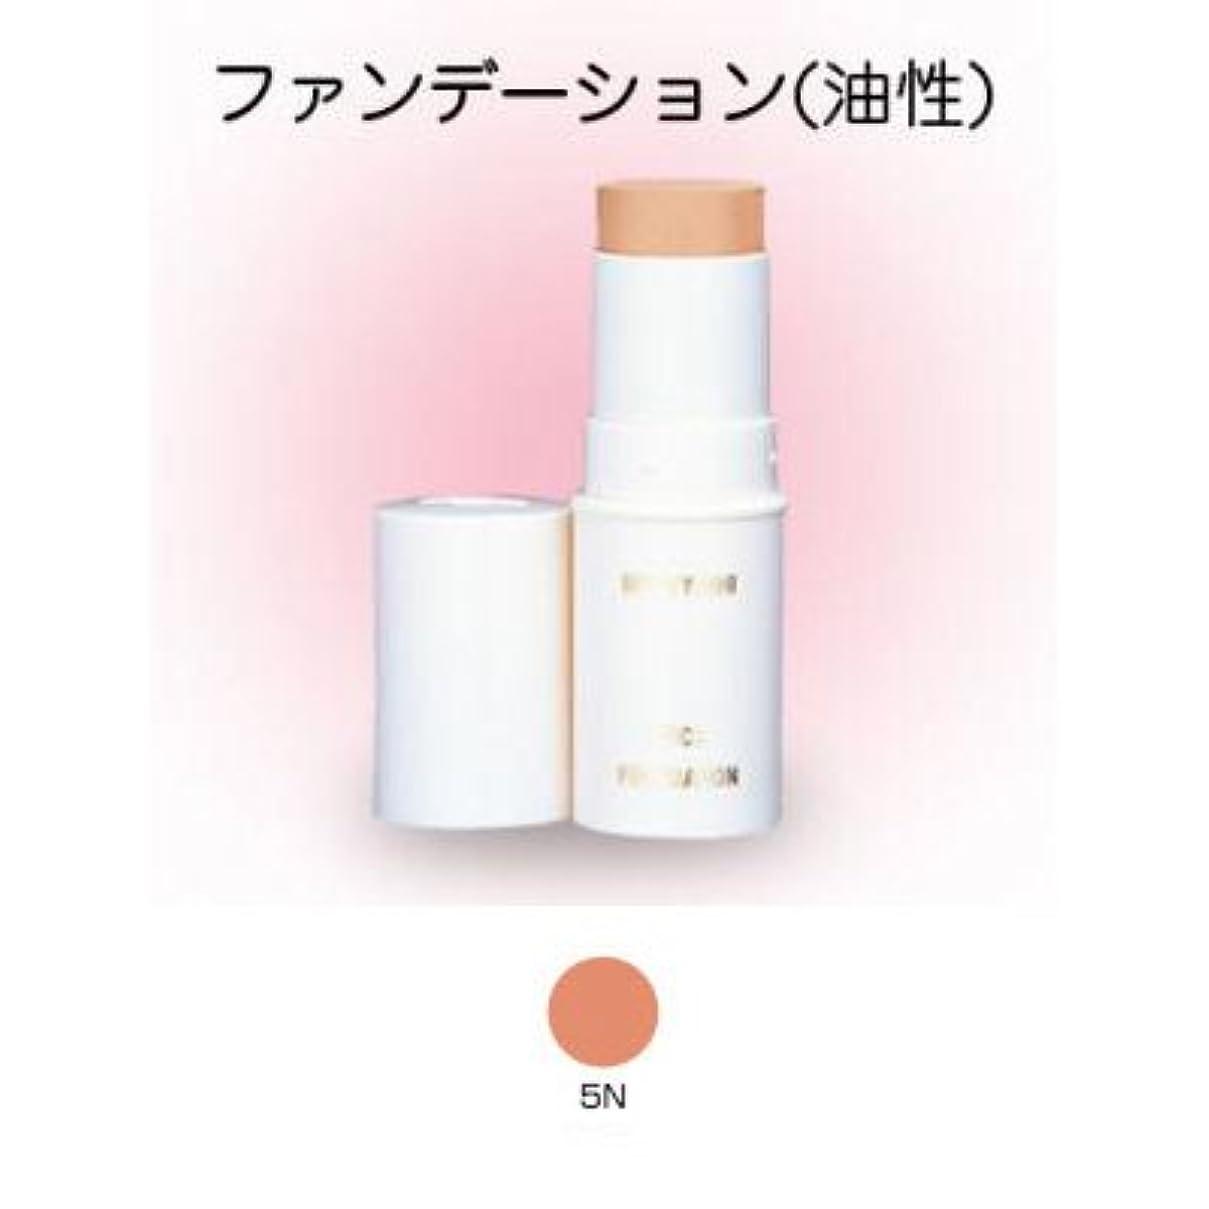 バズ振るうバイアススティックファンデーション 16g 5N 【三善】